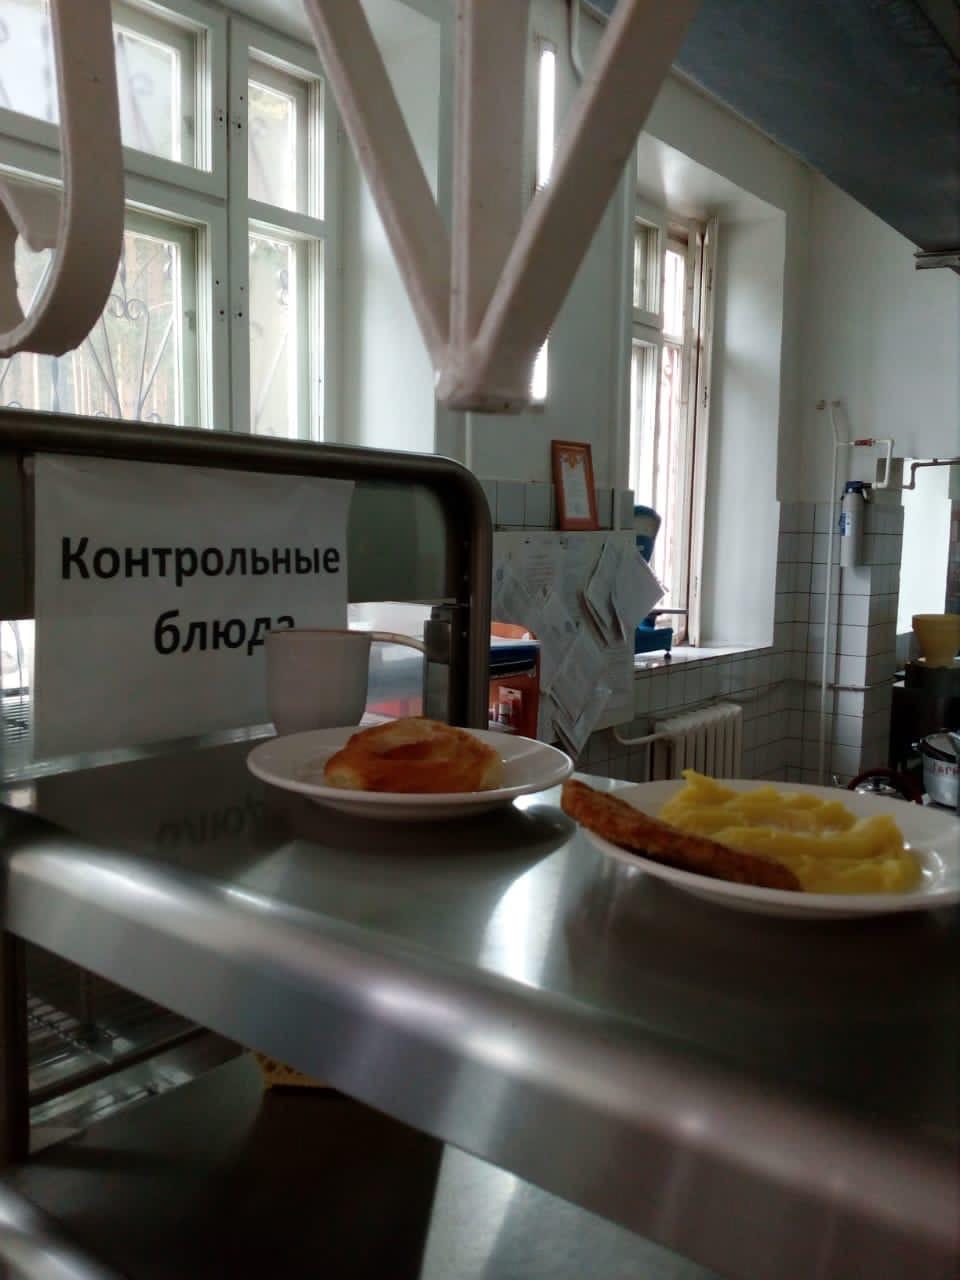 В Можге продолжается еженедельный контроль за организацией горячего питания в школах